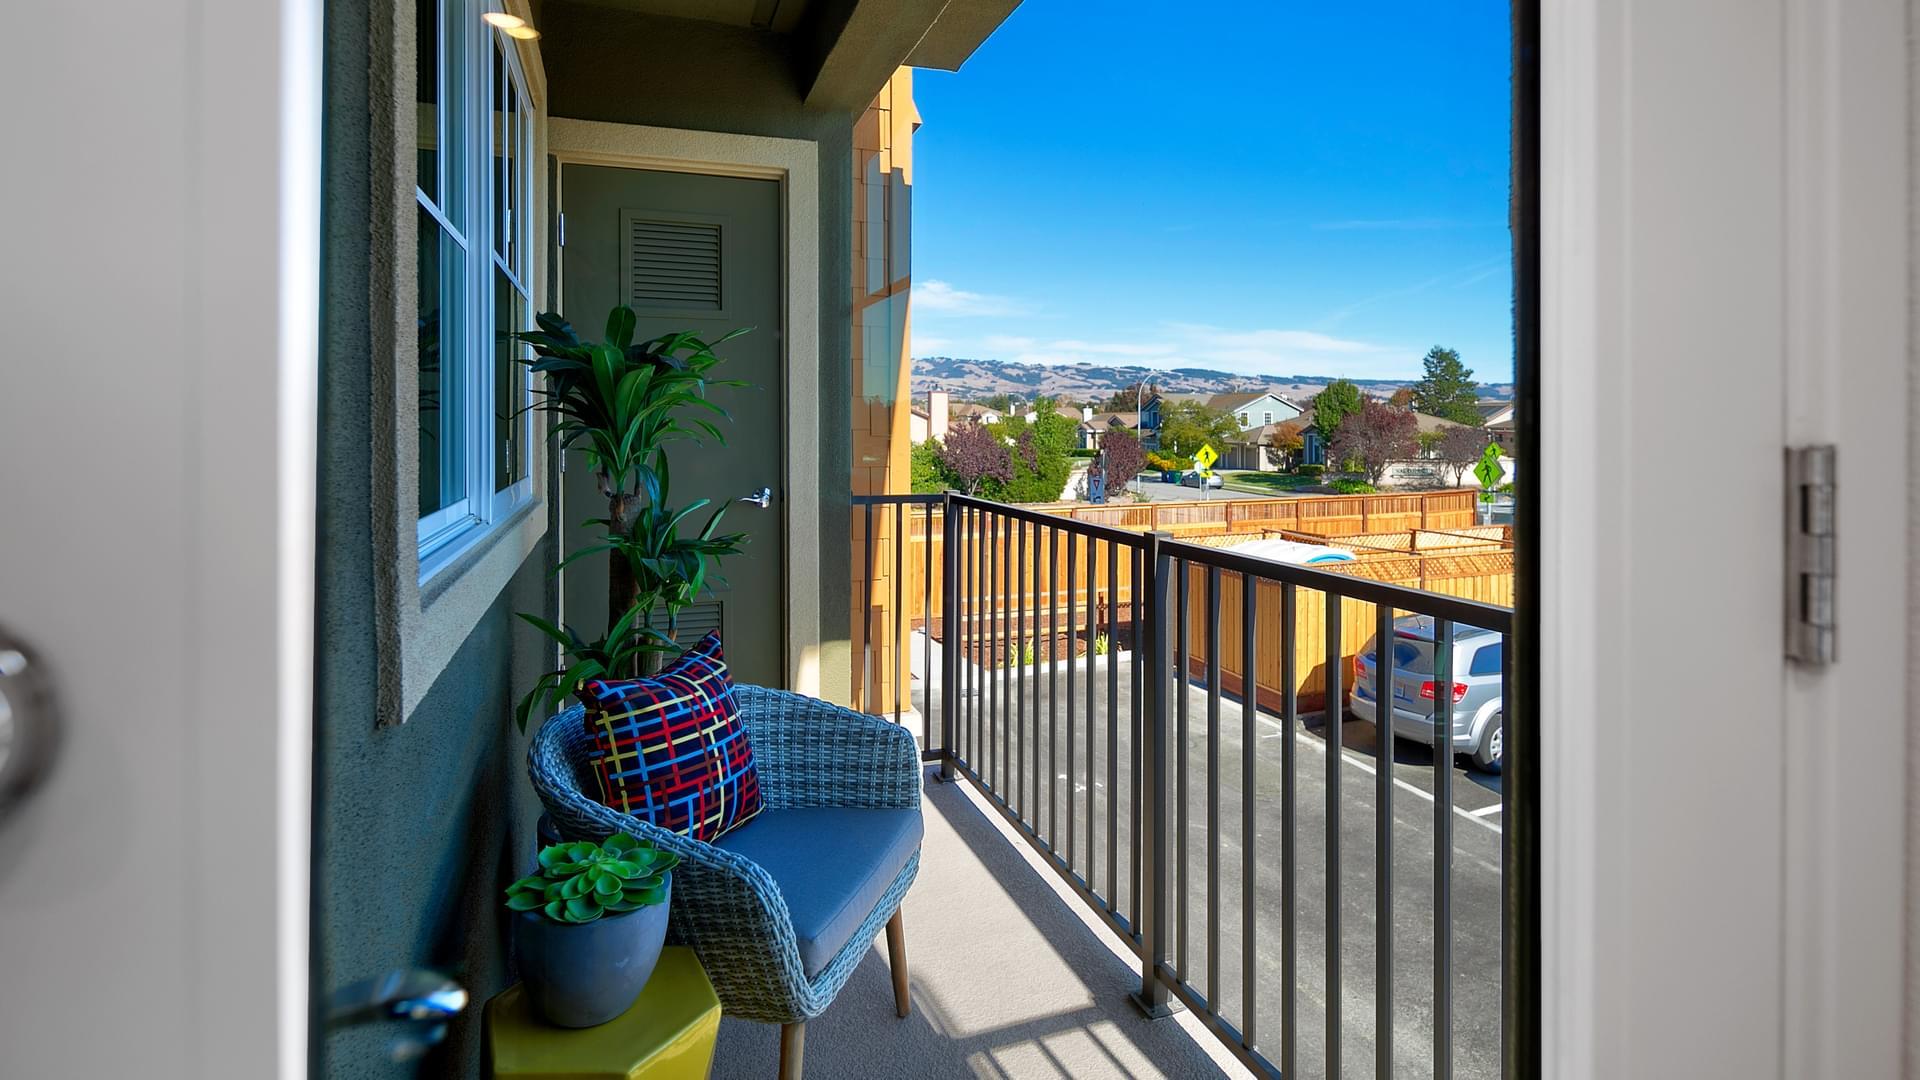 Residence 1 Deck